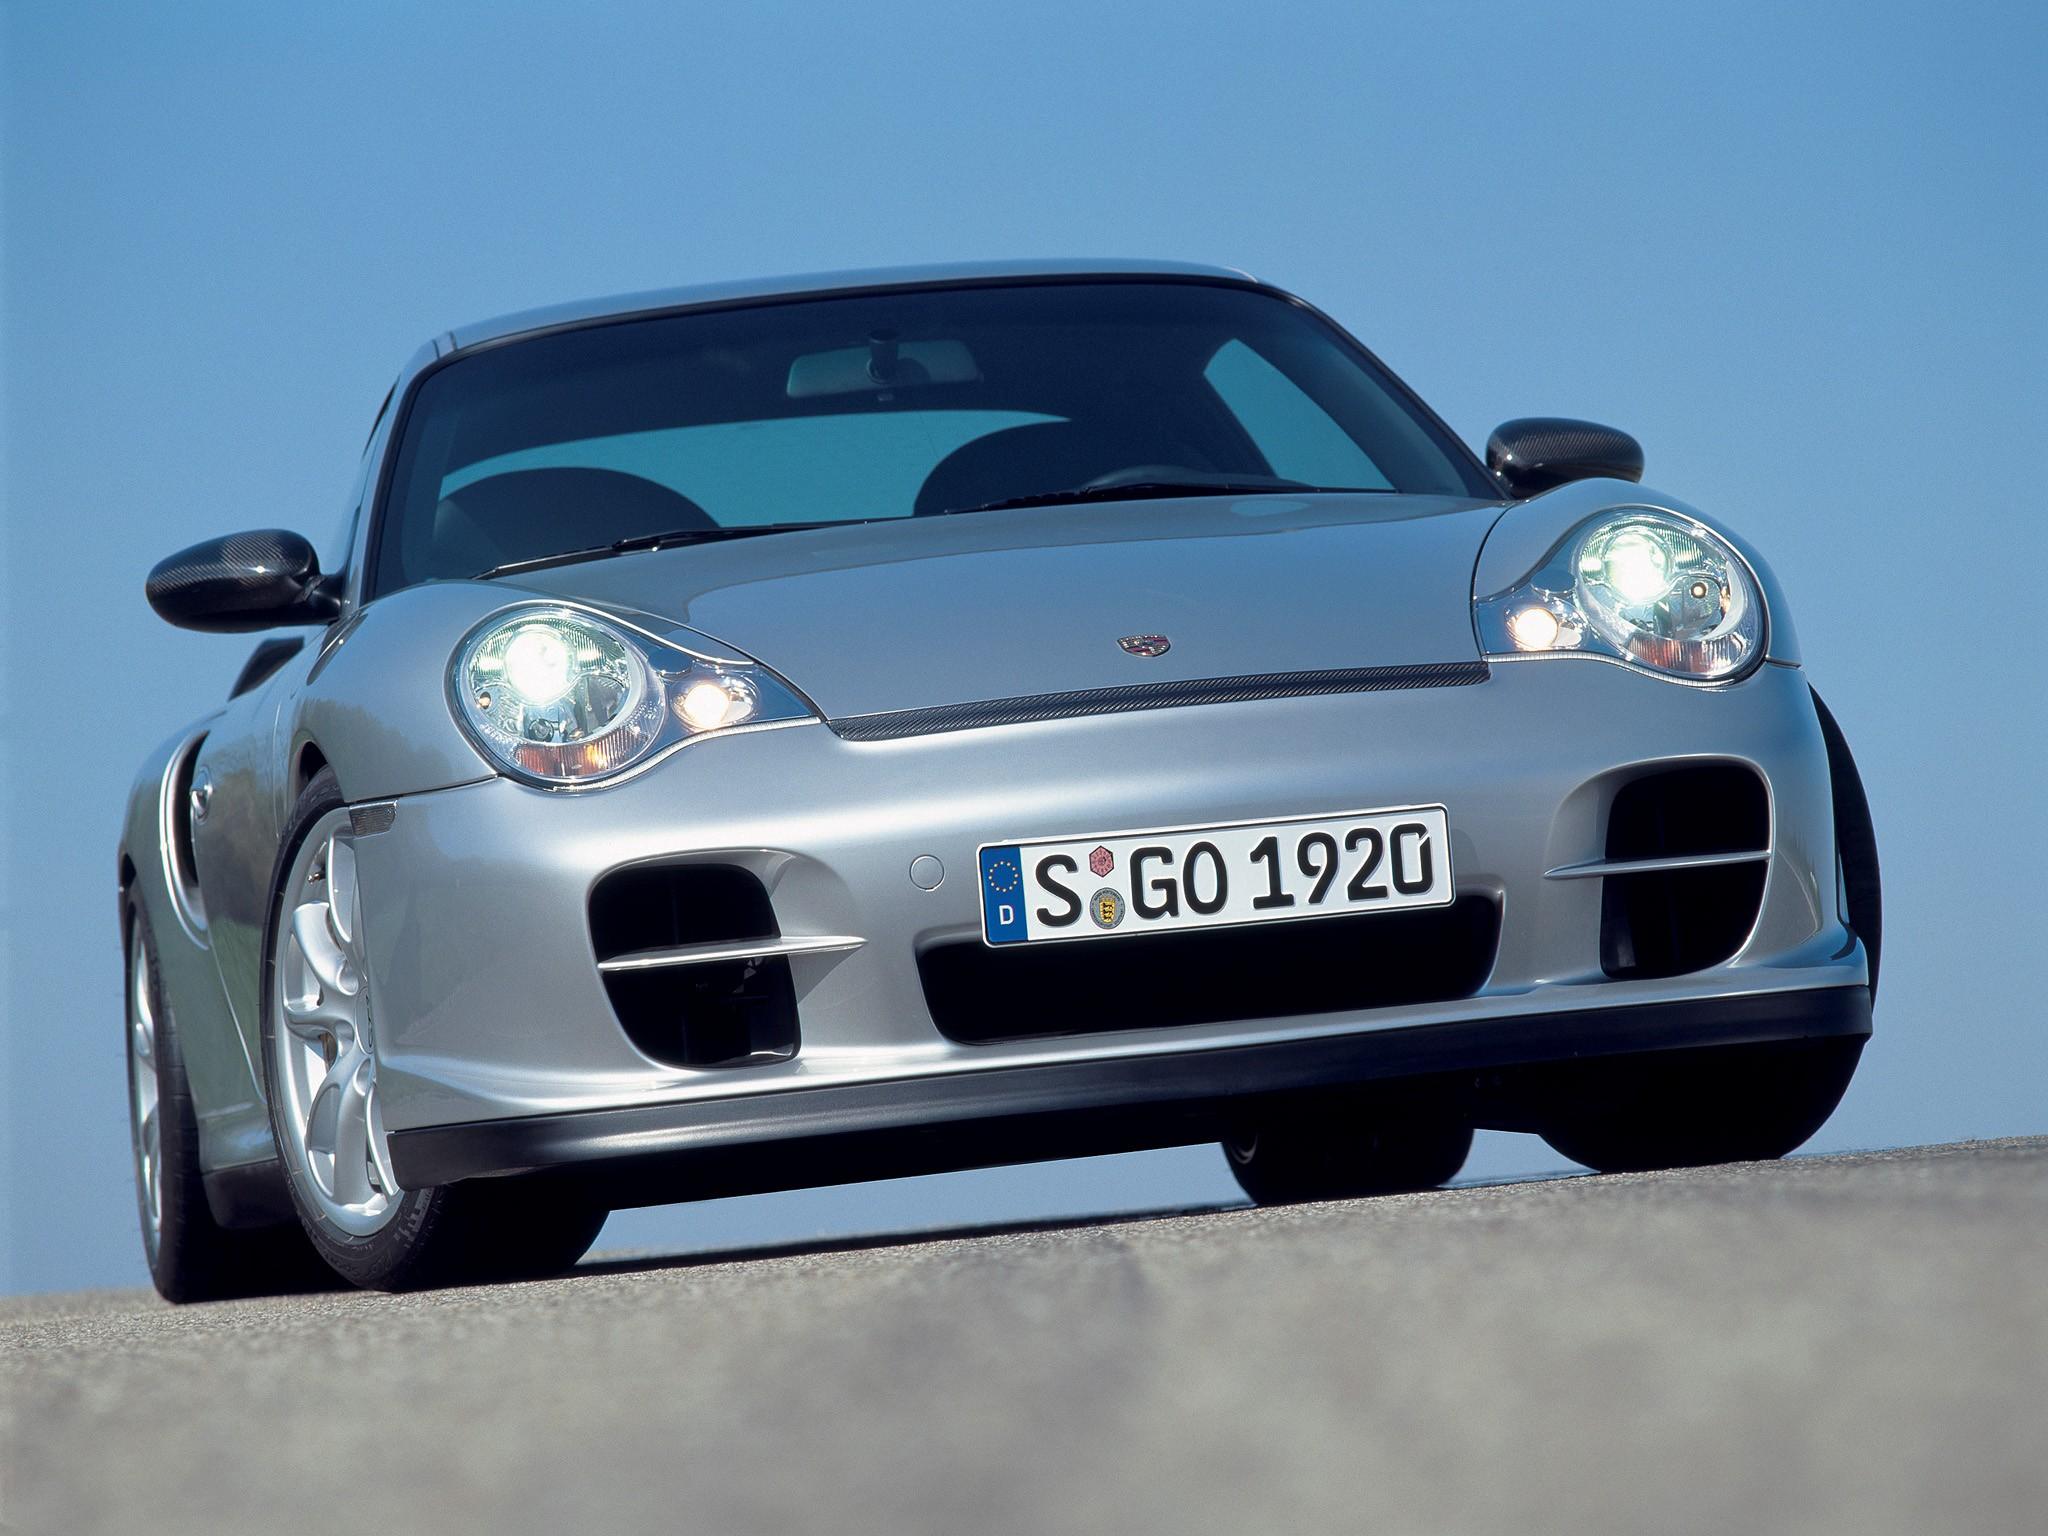 PORSCHE-911-GT2--996--1194_46 Stunning 2008 Porsche 911 Gt2 Horsepower Cars Trend